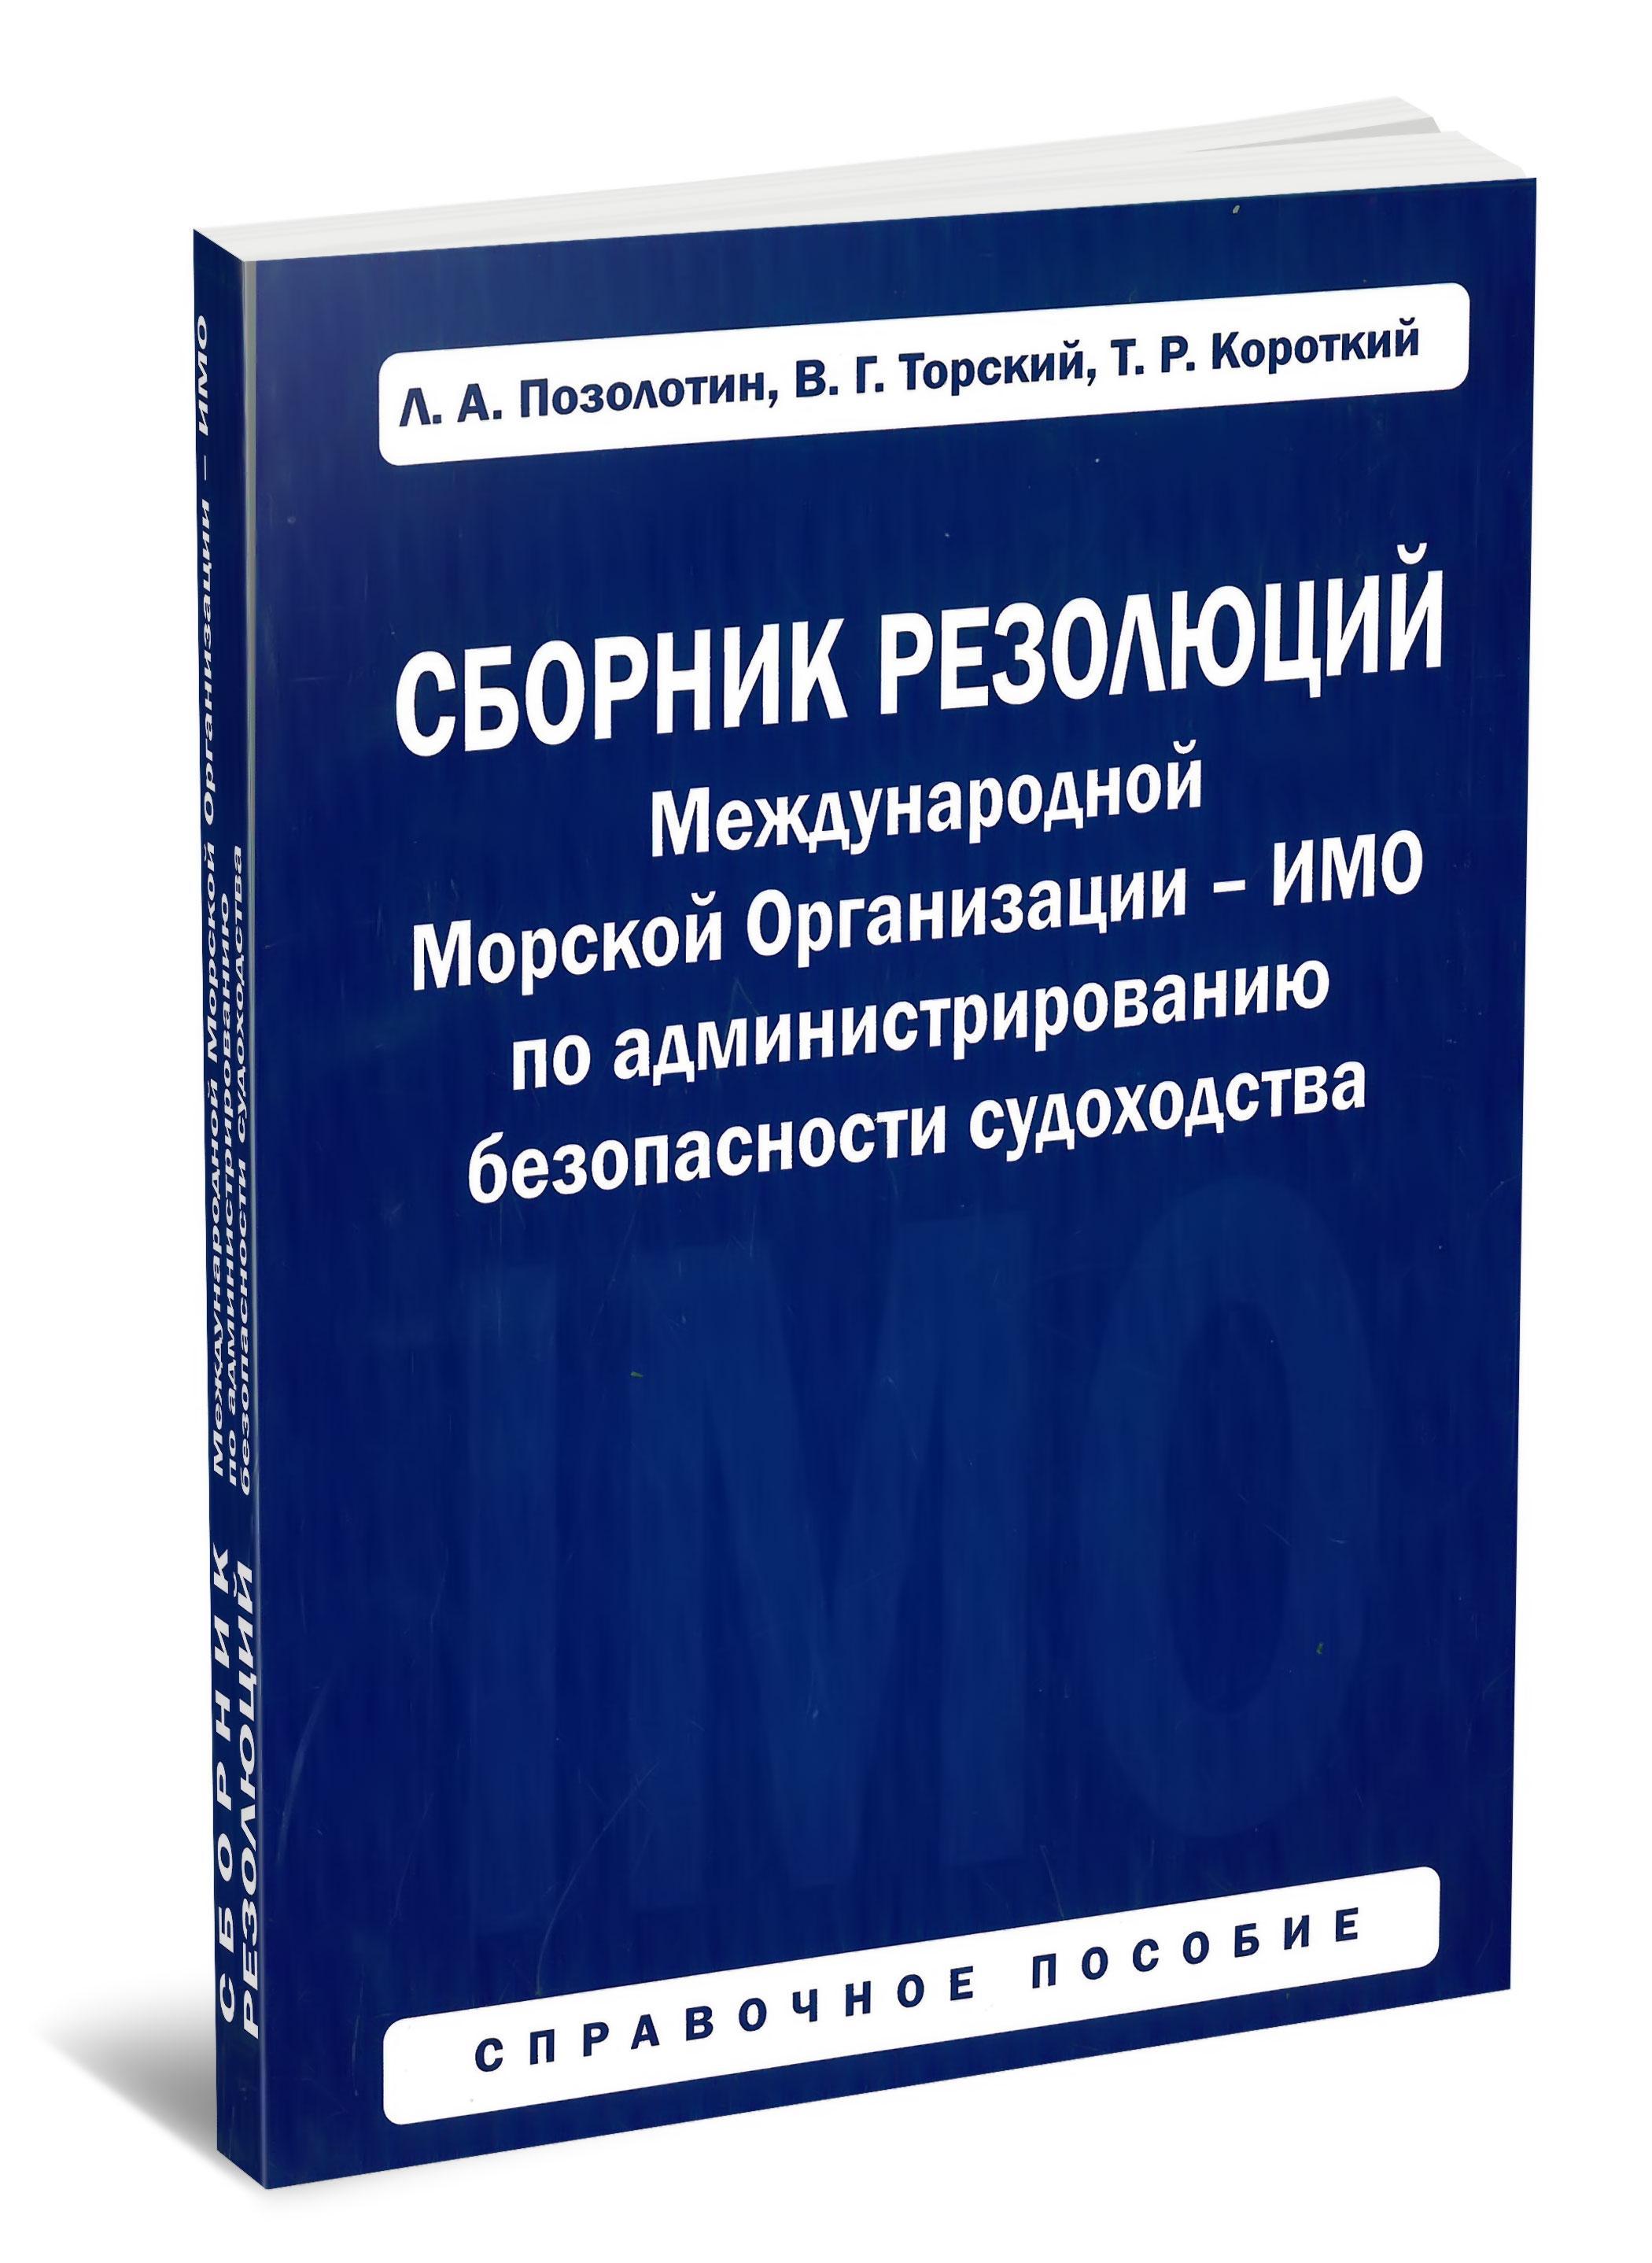 Сборник резолюций Международной морской организации по администрированию безопасности судоходства